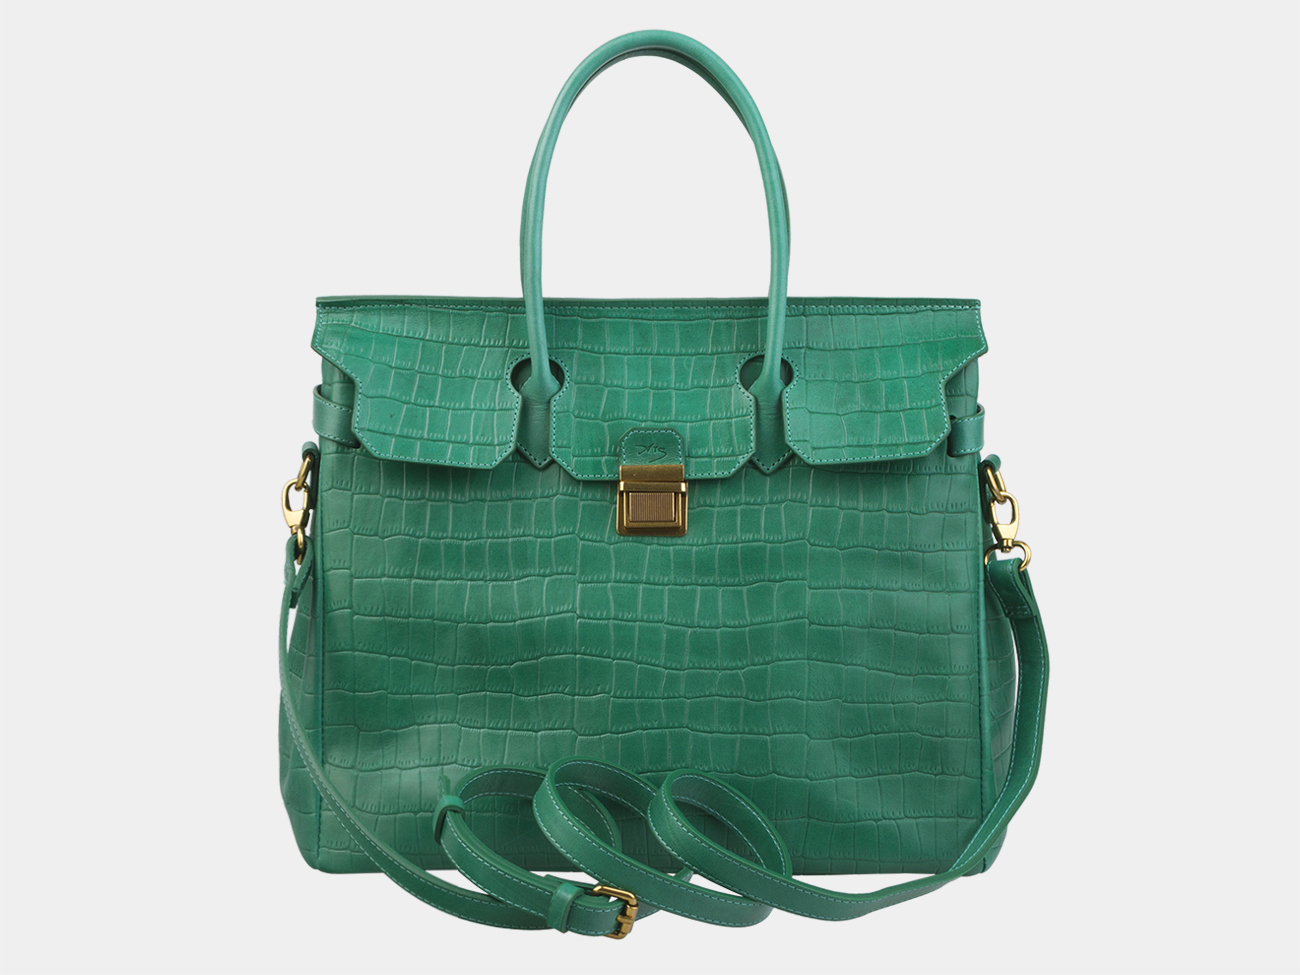 зеленая сумка женская картинки этом водитель пассажиры